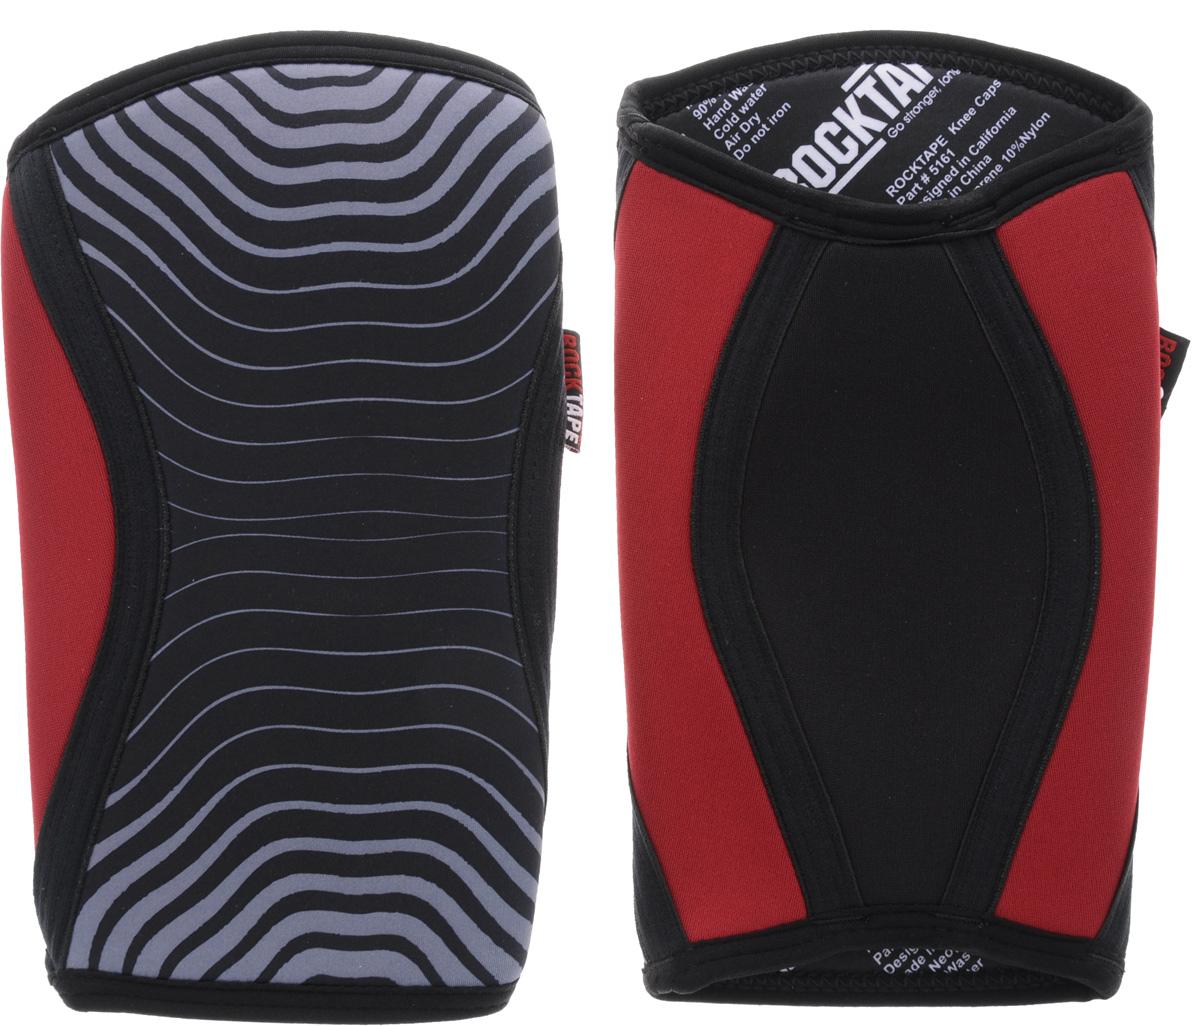 Наколенники Rocktape KneeCaps, цвет: красный, серый, черный, толщина 7 мм. Размер MRTKnCps-Rd-7-MRocktape KneeCaps - это компрессионные наколенники для тяжелой атлетики/CrossFit. Наколенники созданы специально, чтобы обеспечить компрессионный и согревающий эффект, а также придать стабильность коленному суставу для выполнения функциональных движений, таких как становая тяга, пистолет, приседания со штангой. В отличие от аналогов, наколенники Rocktape KneeCaps более высокие и разработаны специально для компрессии VMO (косой медиальной широкой мышцы бедра) в месте ее прикрепления над коленной чашечкой, чтобы обеспечить надлежащую стабилизацию колена и контроль. Помимо стабилизации, они создают компрессионный и согревающий эффект, что улучшает кровоток. Толщина: 7 мм. Обхват колена: 34-37 см.